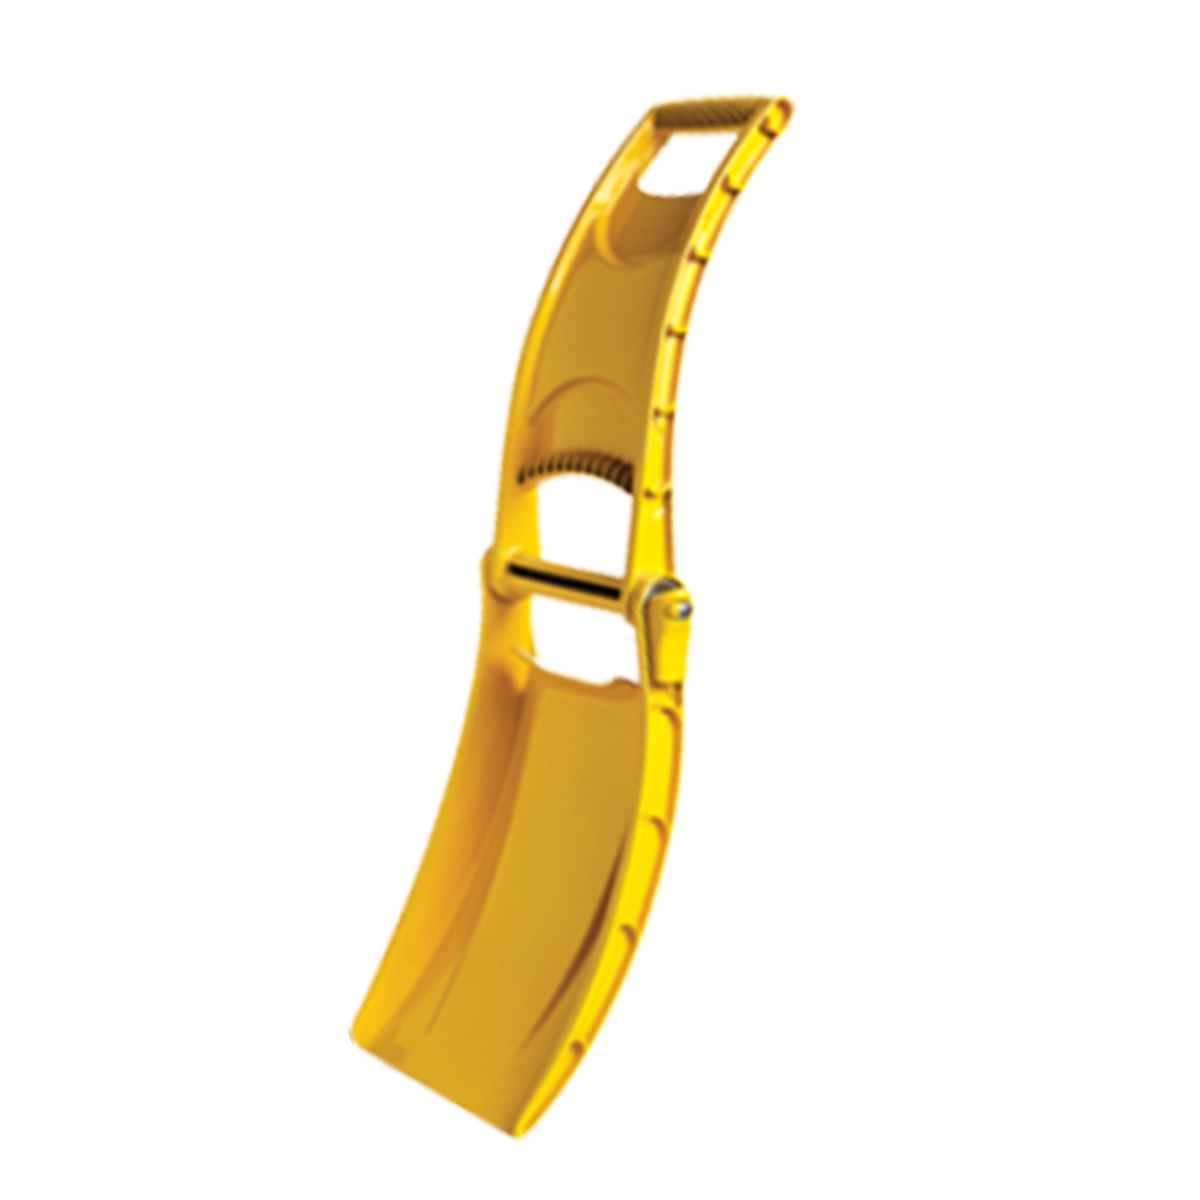 """Лопата-трансформер """"МастерПроф"""" выполнена из высококачественного полипропилена, имеет гладкую износостойкую поверхность, ребра жесткости и удобную ручку, конструкция которой защищает руки во время работы. Материал лопаты морозостоек. Выдержит перепады температуры от +50 до -50 0С без опасения, что к нему примерзнут перчатки или руки. Можно использовать как ограждение или предупреждающий знак. В сложенном виде имеет габариты 42 х 25 х 8 см, почти не занимает места в багажнике автомобиля, удобно крепится к рюкзаку, велосипеду или снегоходу.Складной механизм на основе массивного металлического стержня жестко фиксируется, лопата свободно поднимает вес до 12 кг. Длина: 42 см. Ширина: 25 см. Глубина: 8 см."""